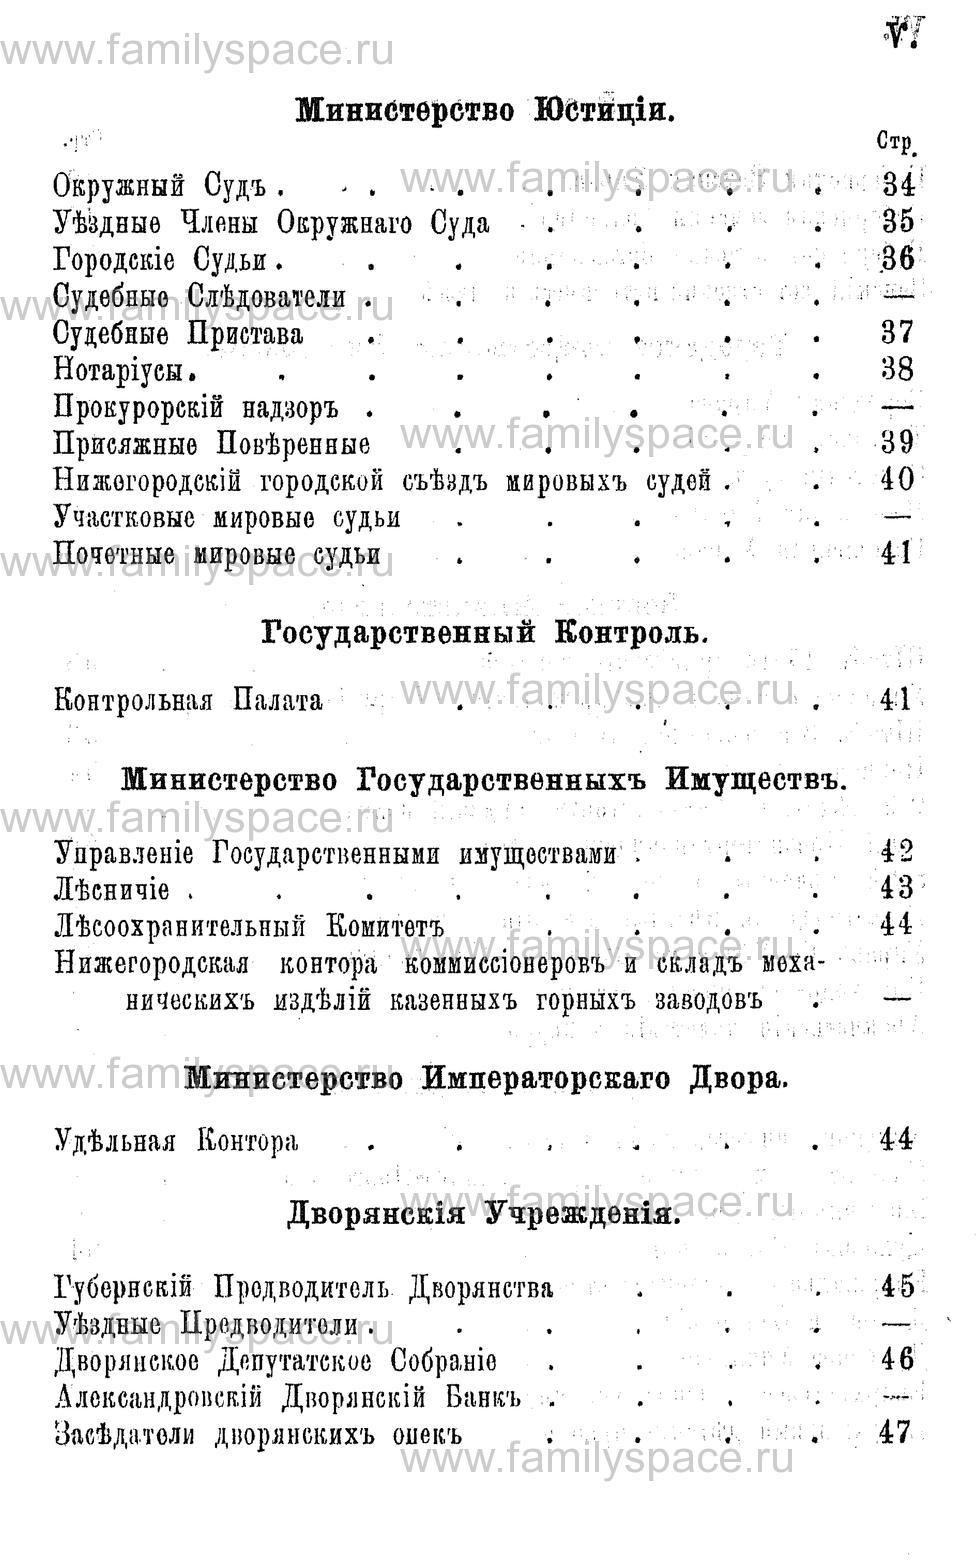 Поиск по фамилии - Адрес-календарь Нижегородской губернии на 1891 год, страница -4